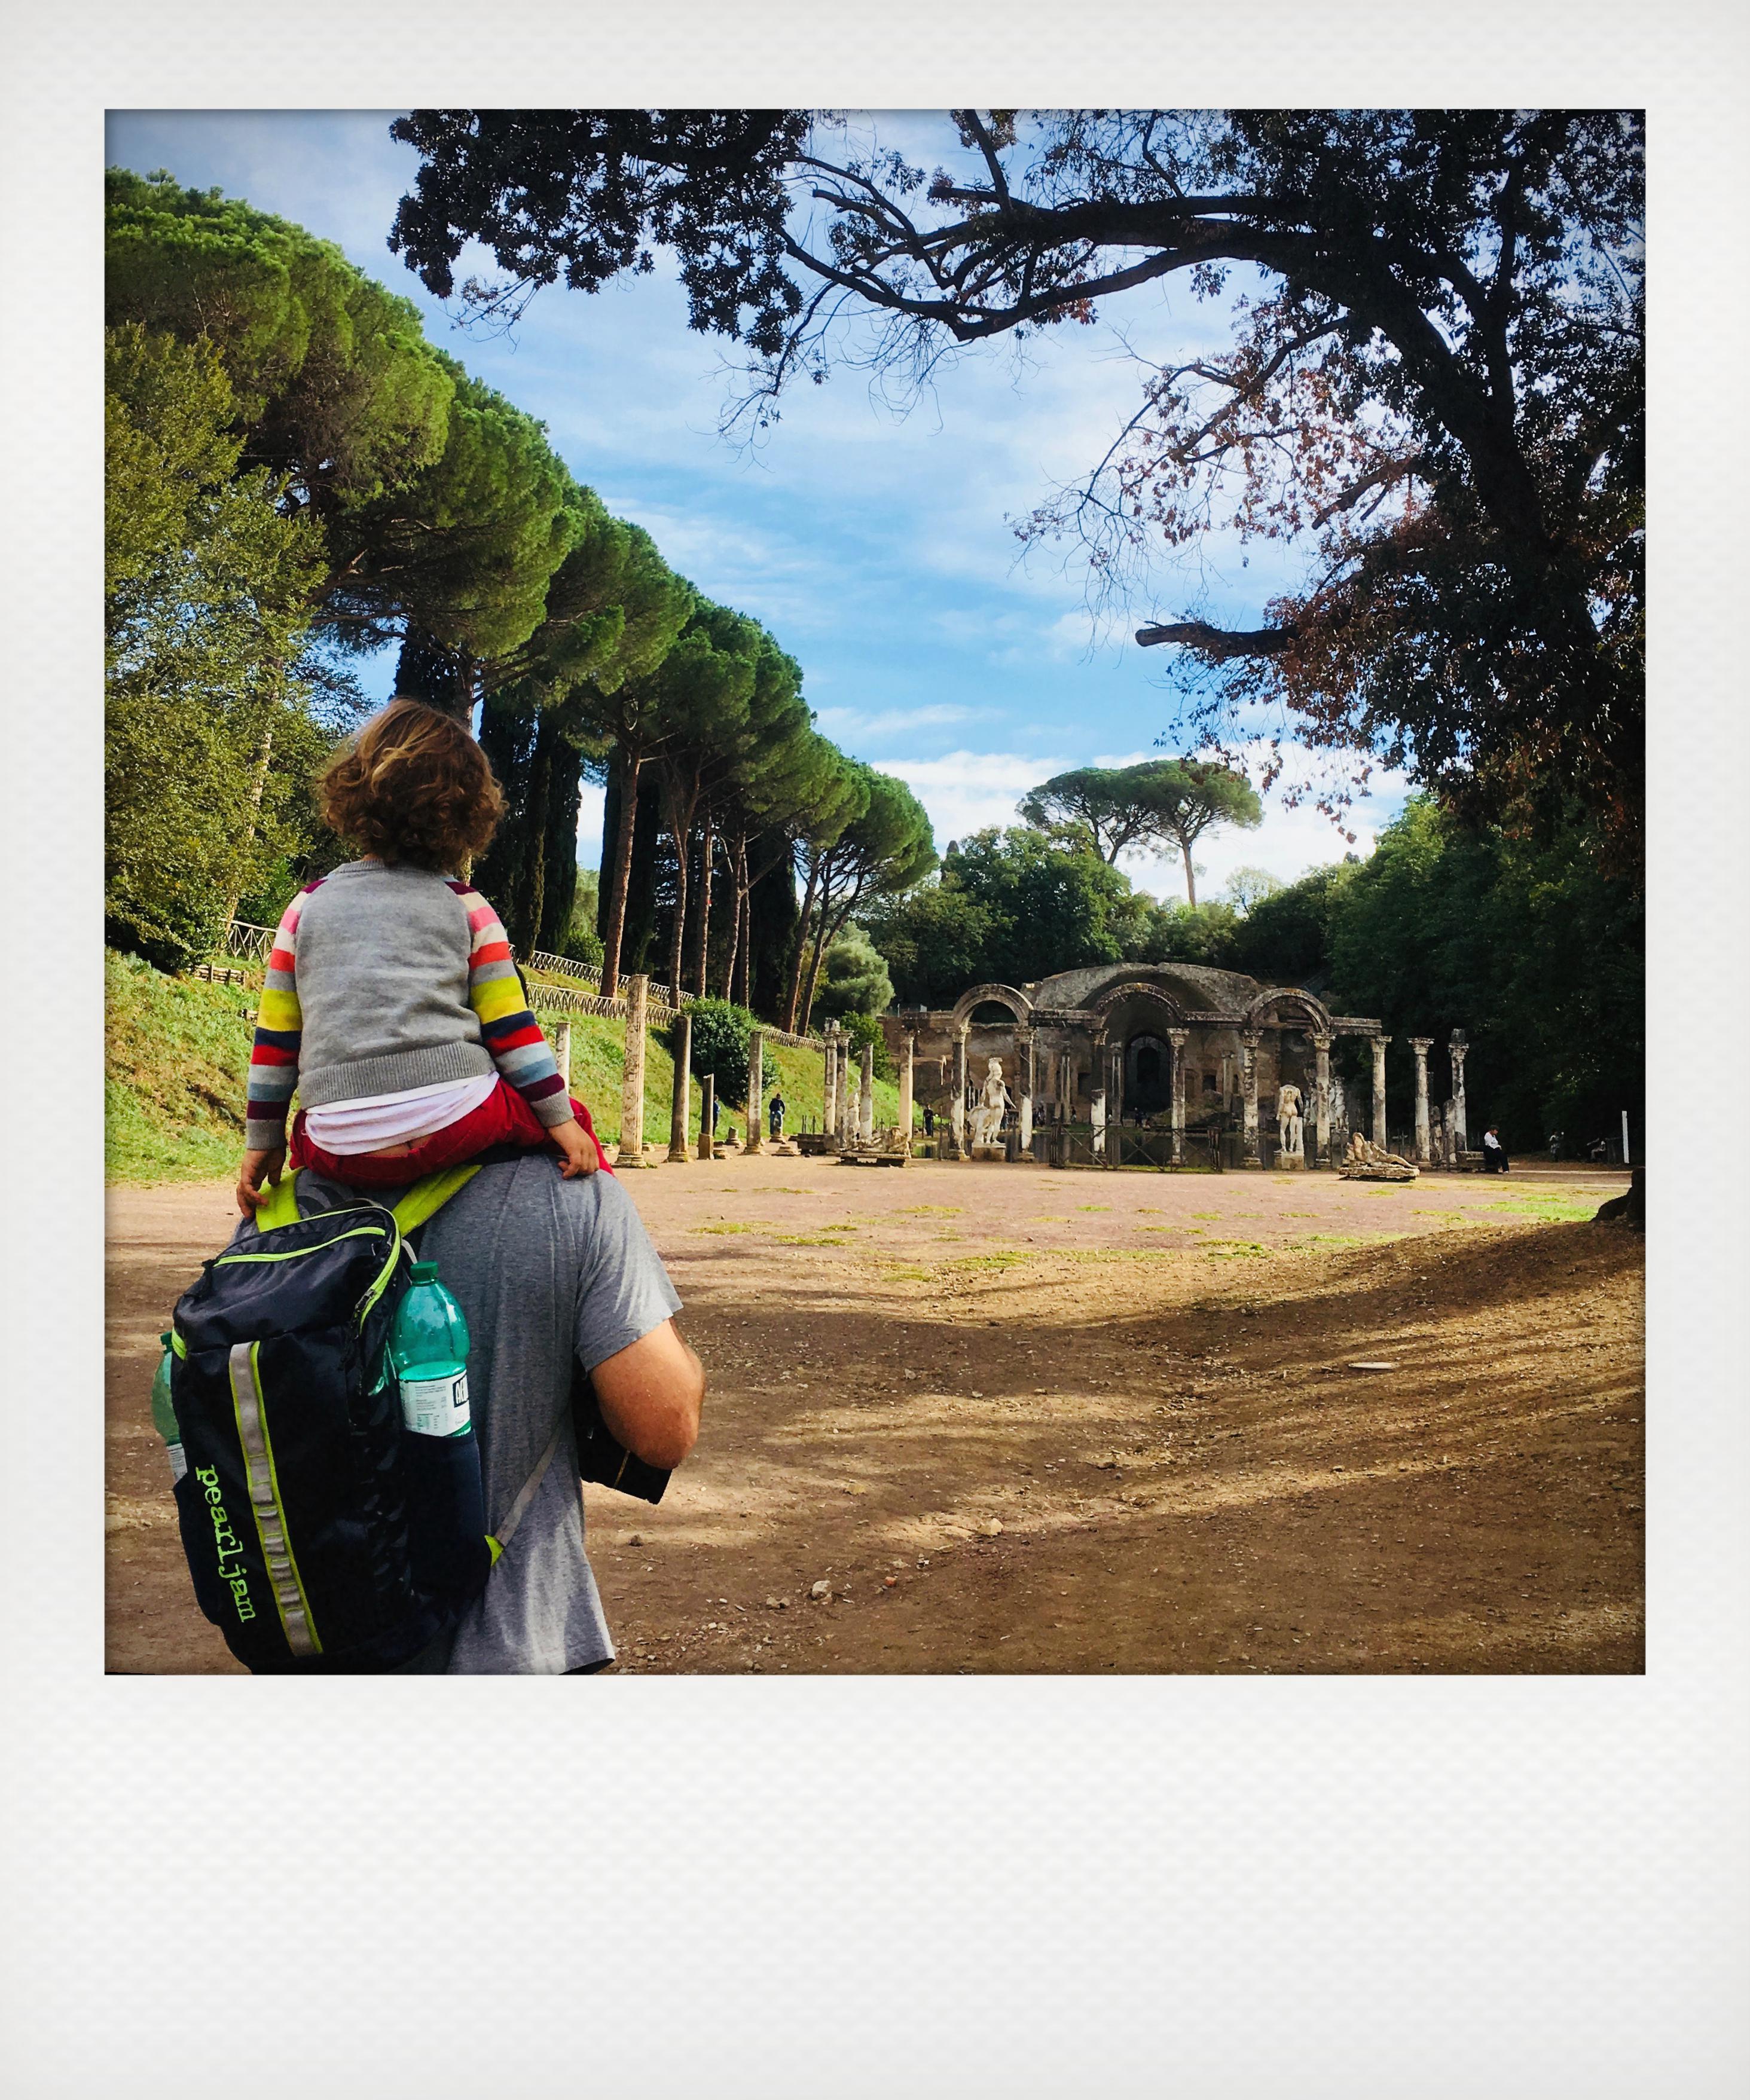 Giornate Fai, con i bambini alla scoperta dei luoghi più belli